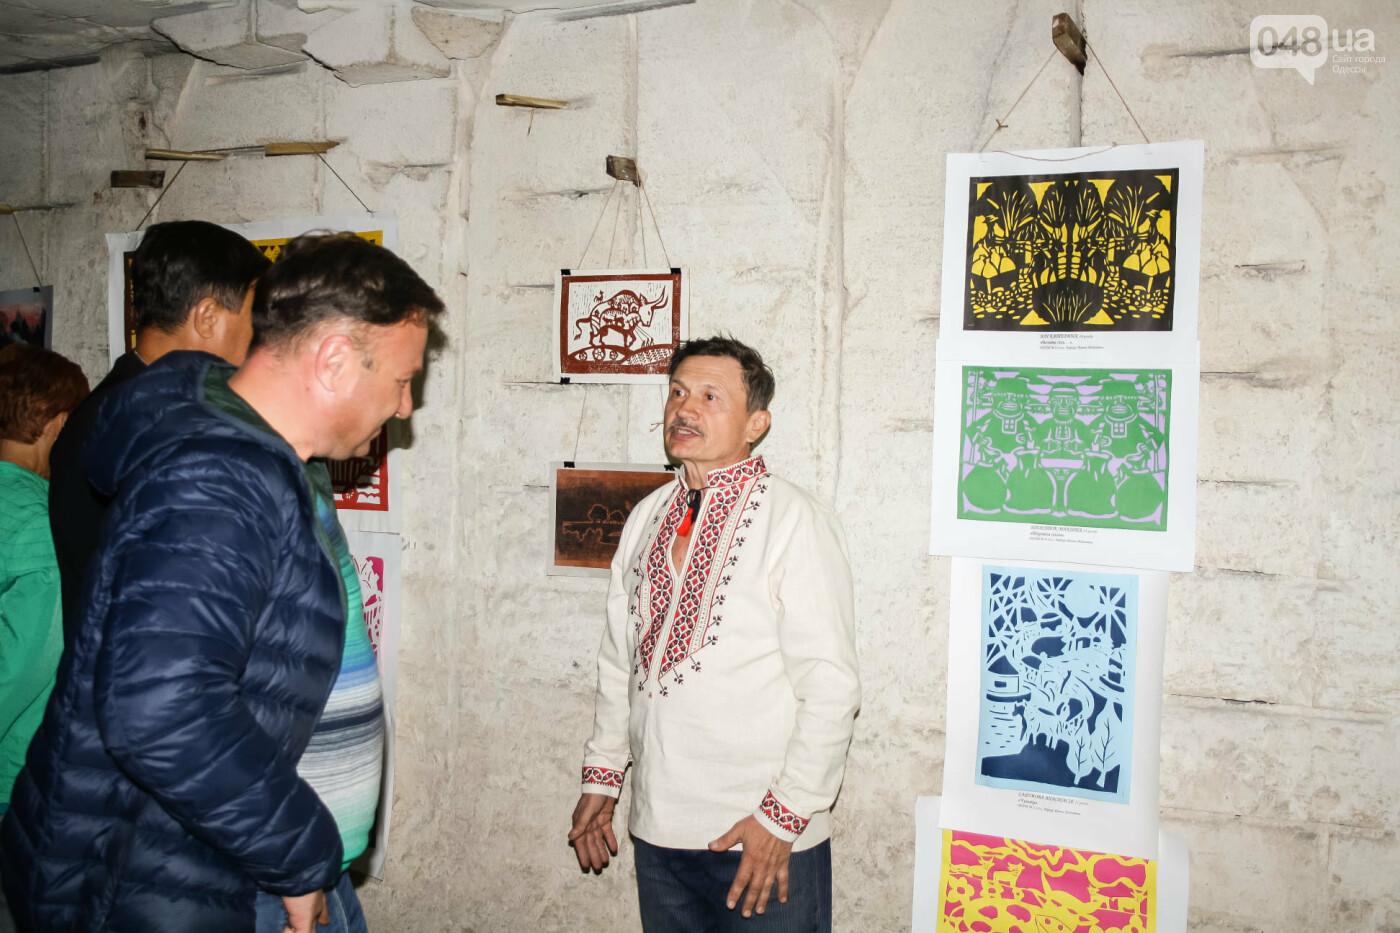 В Одесской области открылась выставка под землей,-ФОТОРЕПОРТАЖ, фото-8